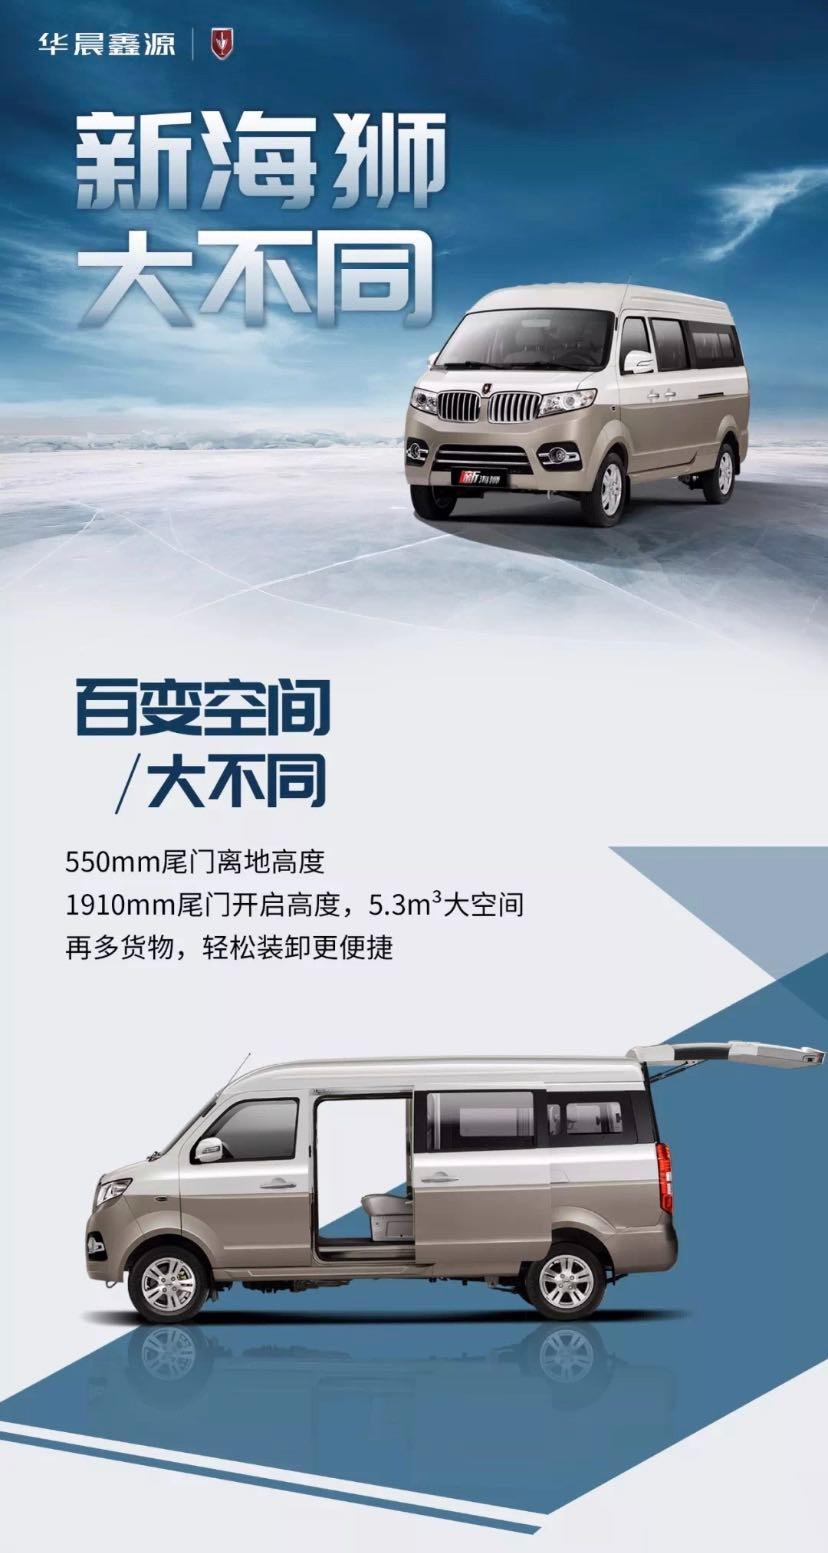 广州车车邦新能源 新海狮X30LEV 七座客货两用中面面包车